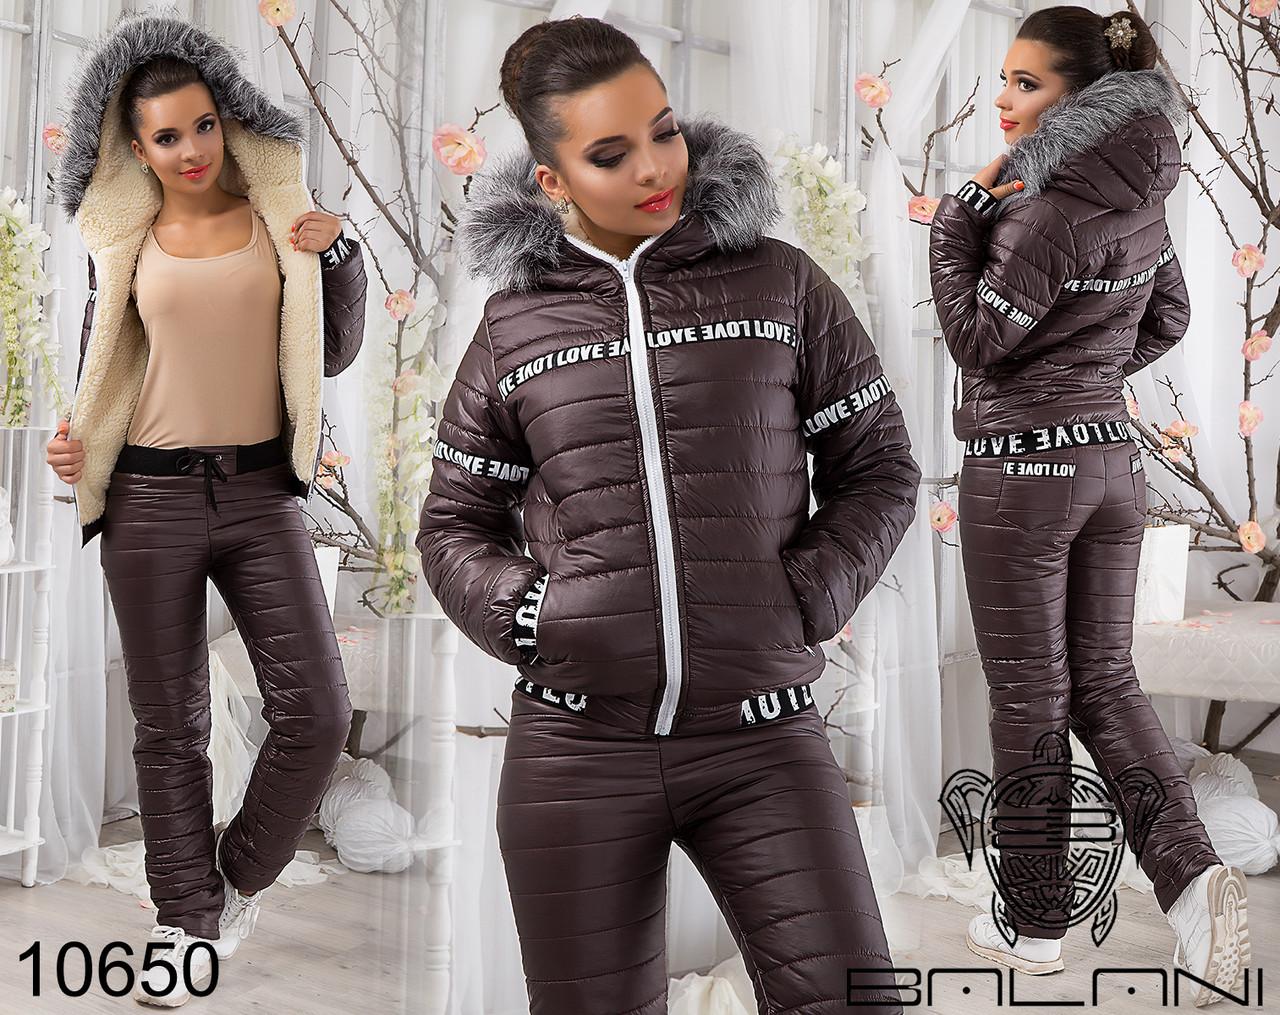 71e61743d6ce Теплый спортивный костюм на меху, куртка с капюшоном и брюки ...